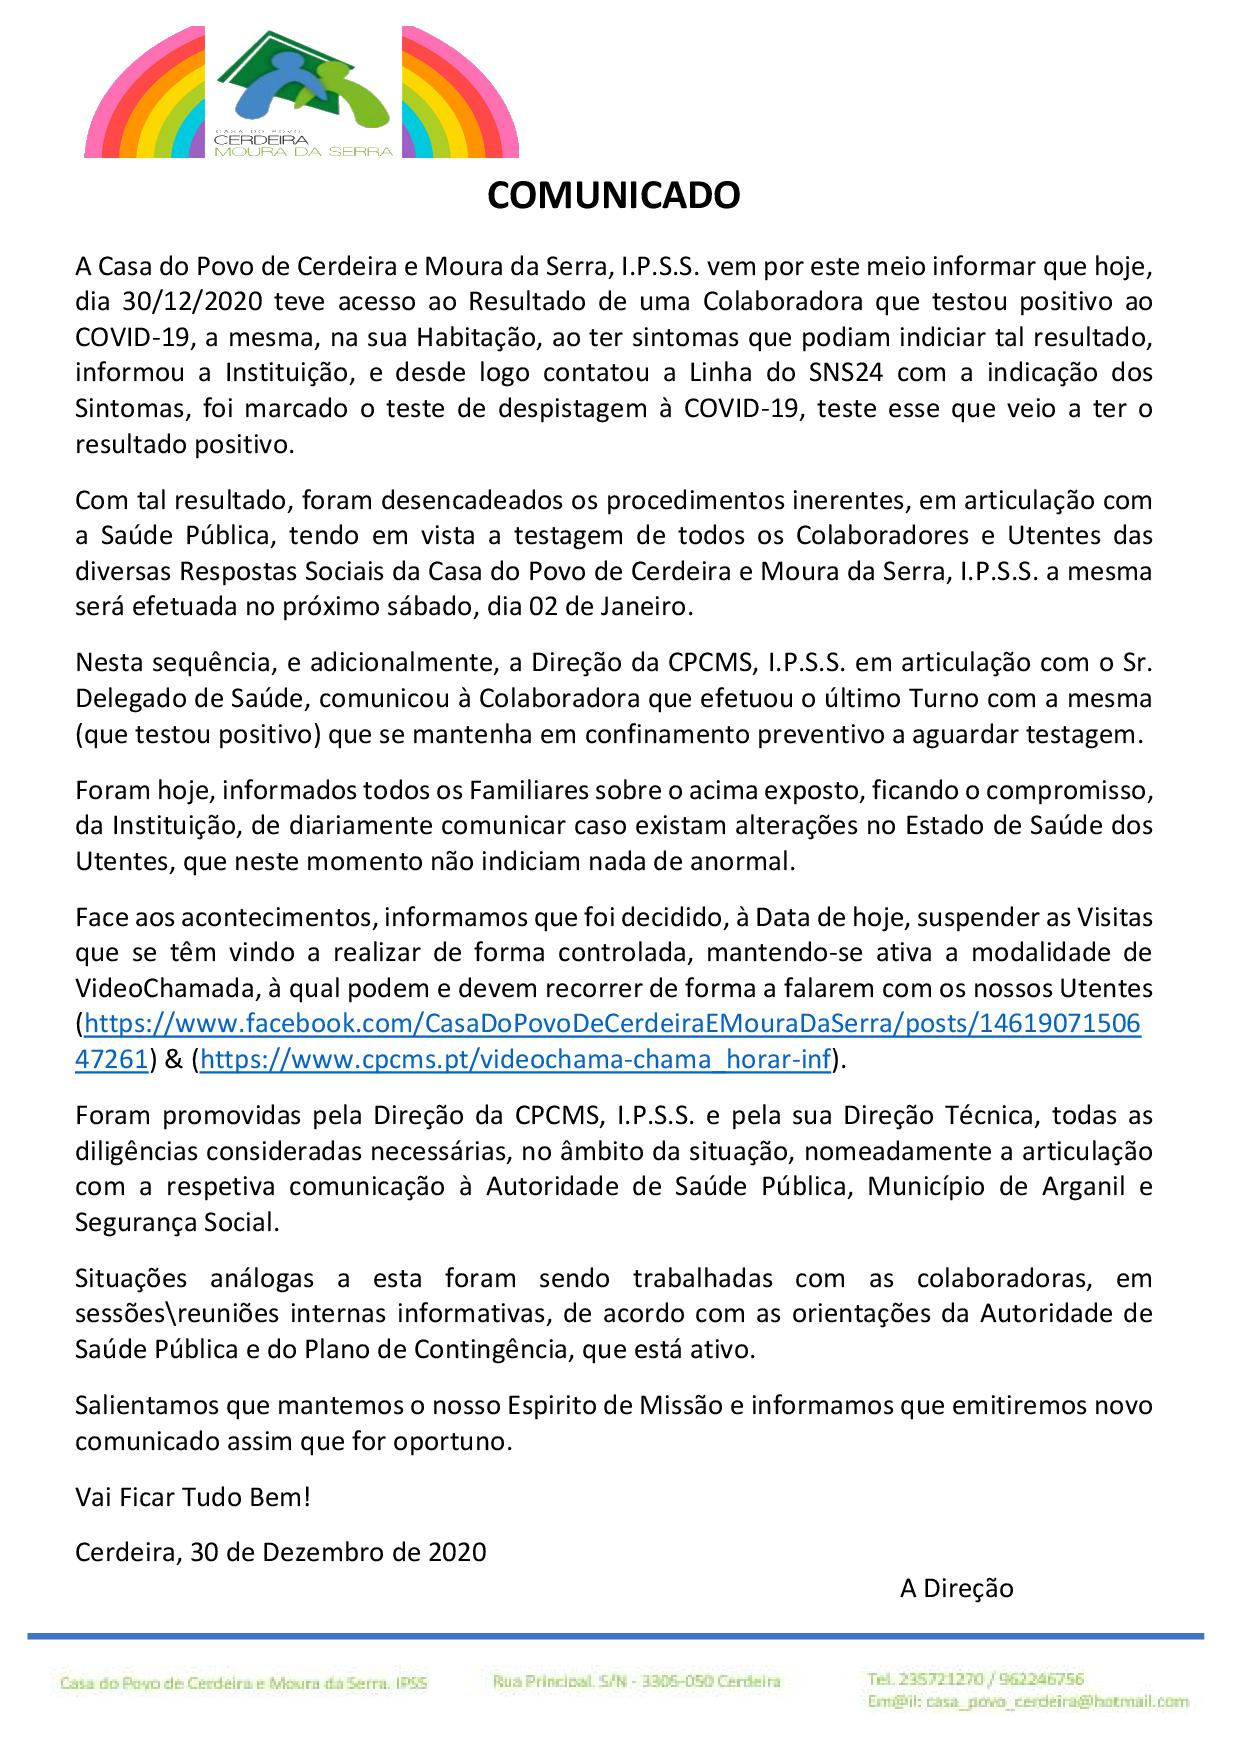 COMUNICADO em 30/12/2020